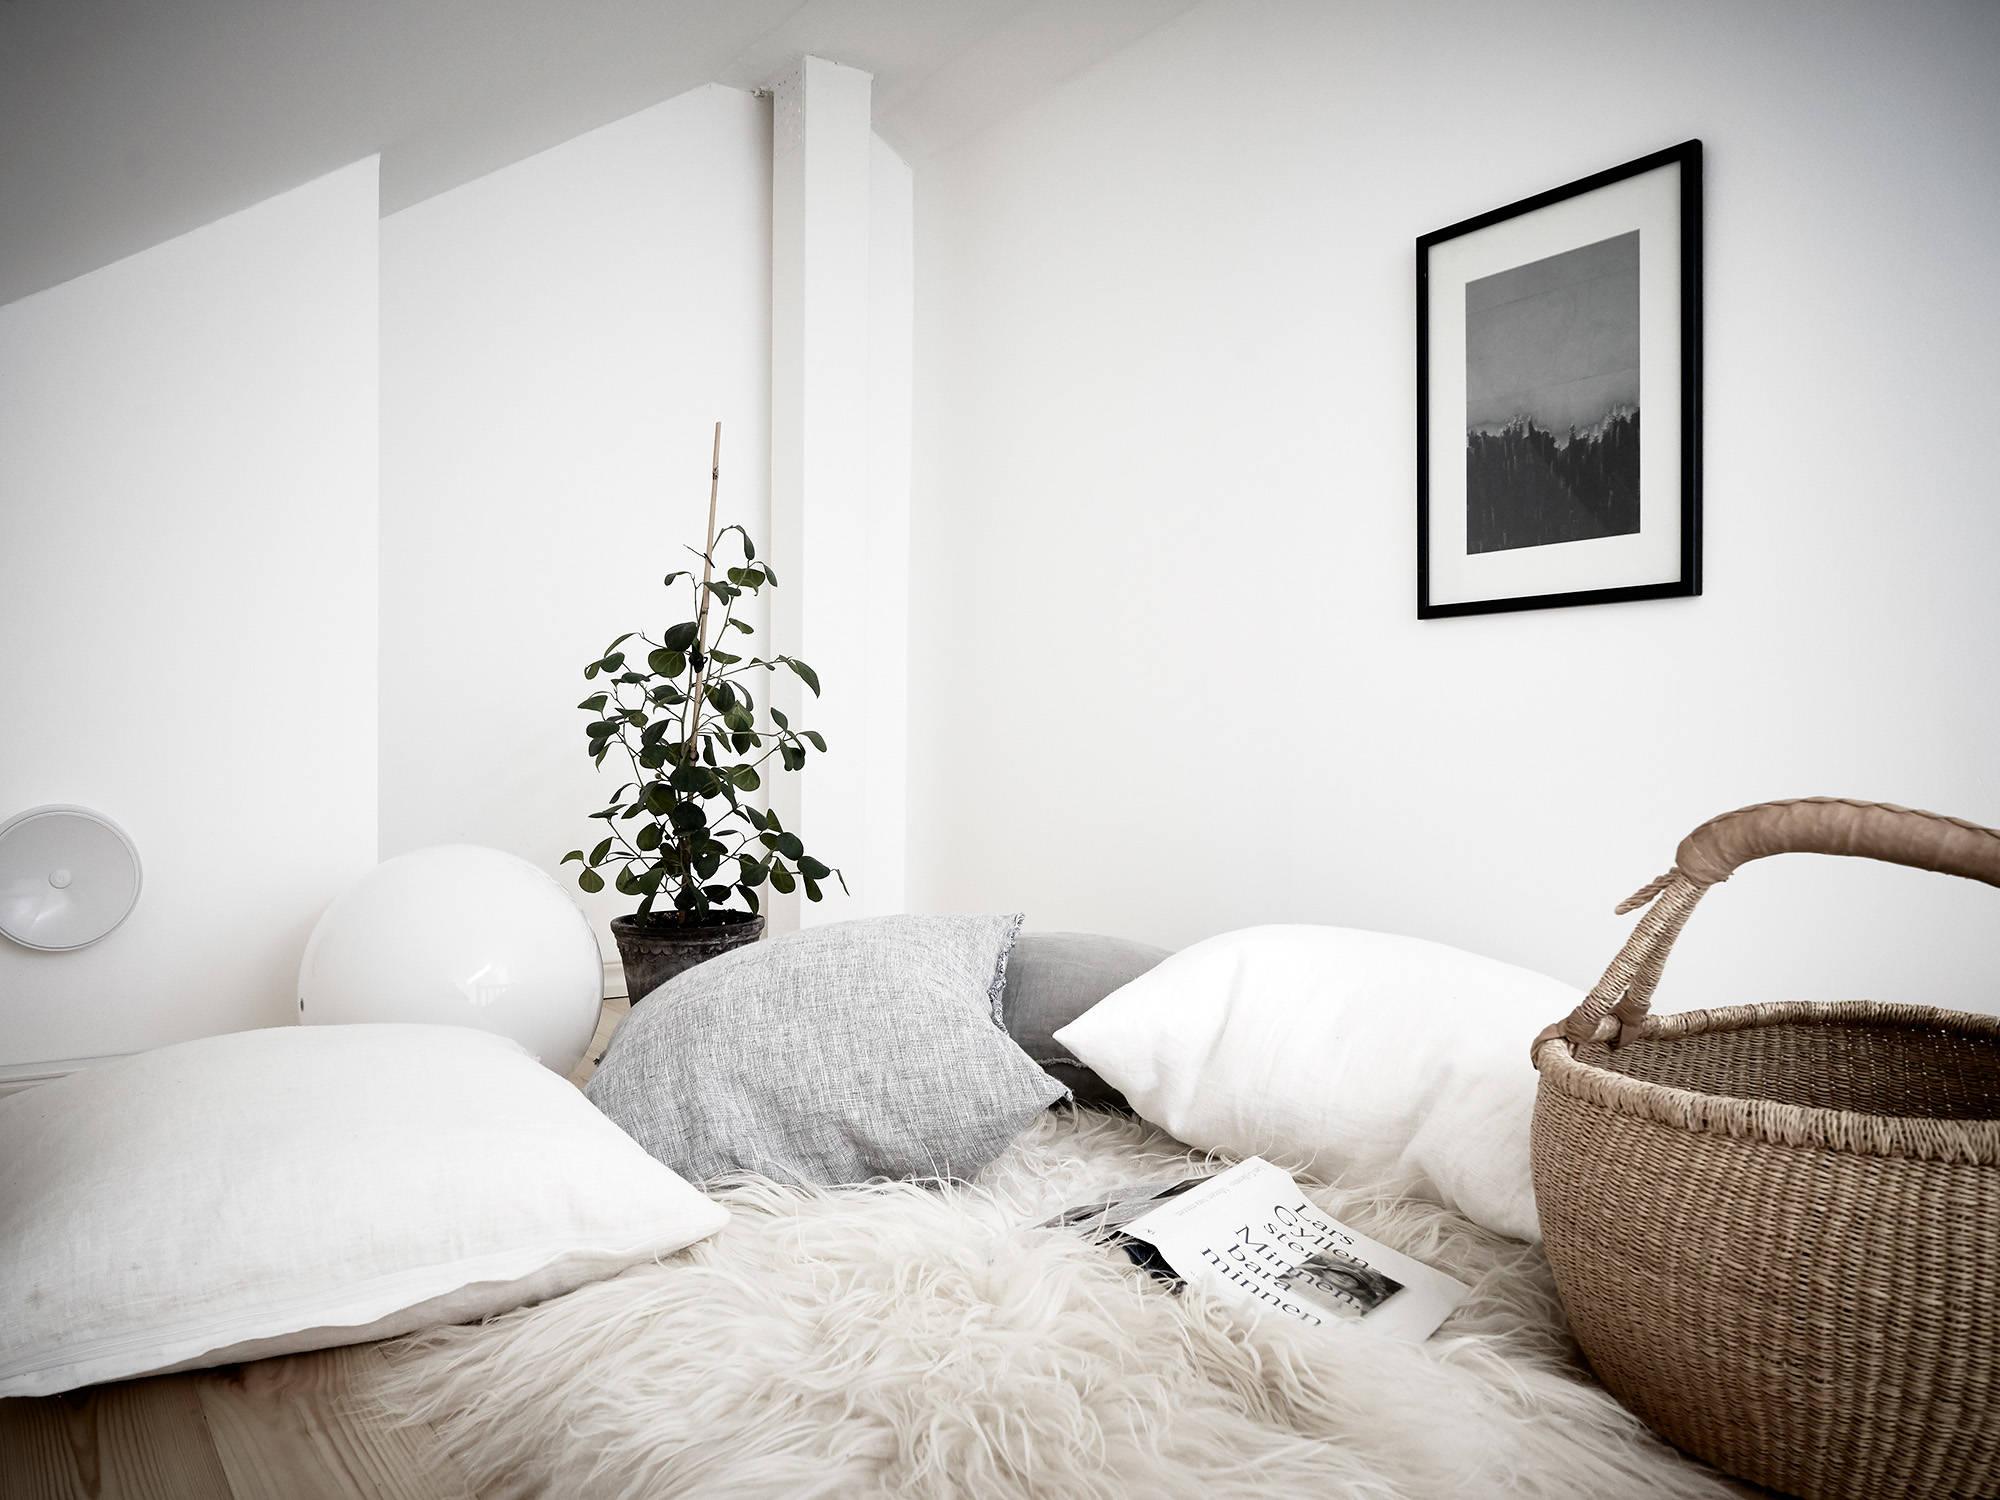 habitacin para bebe habitacin nrdica habitacin infantil habitacin bebe sueca dormitorio bebe decoracin escandinava decoracin en